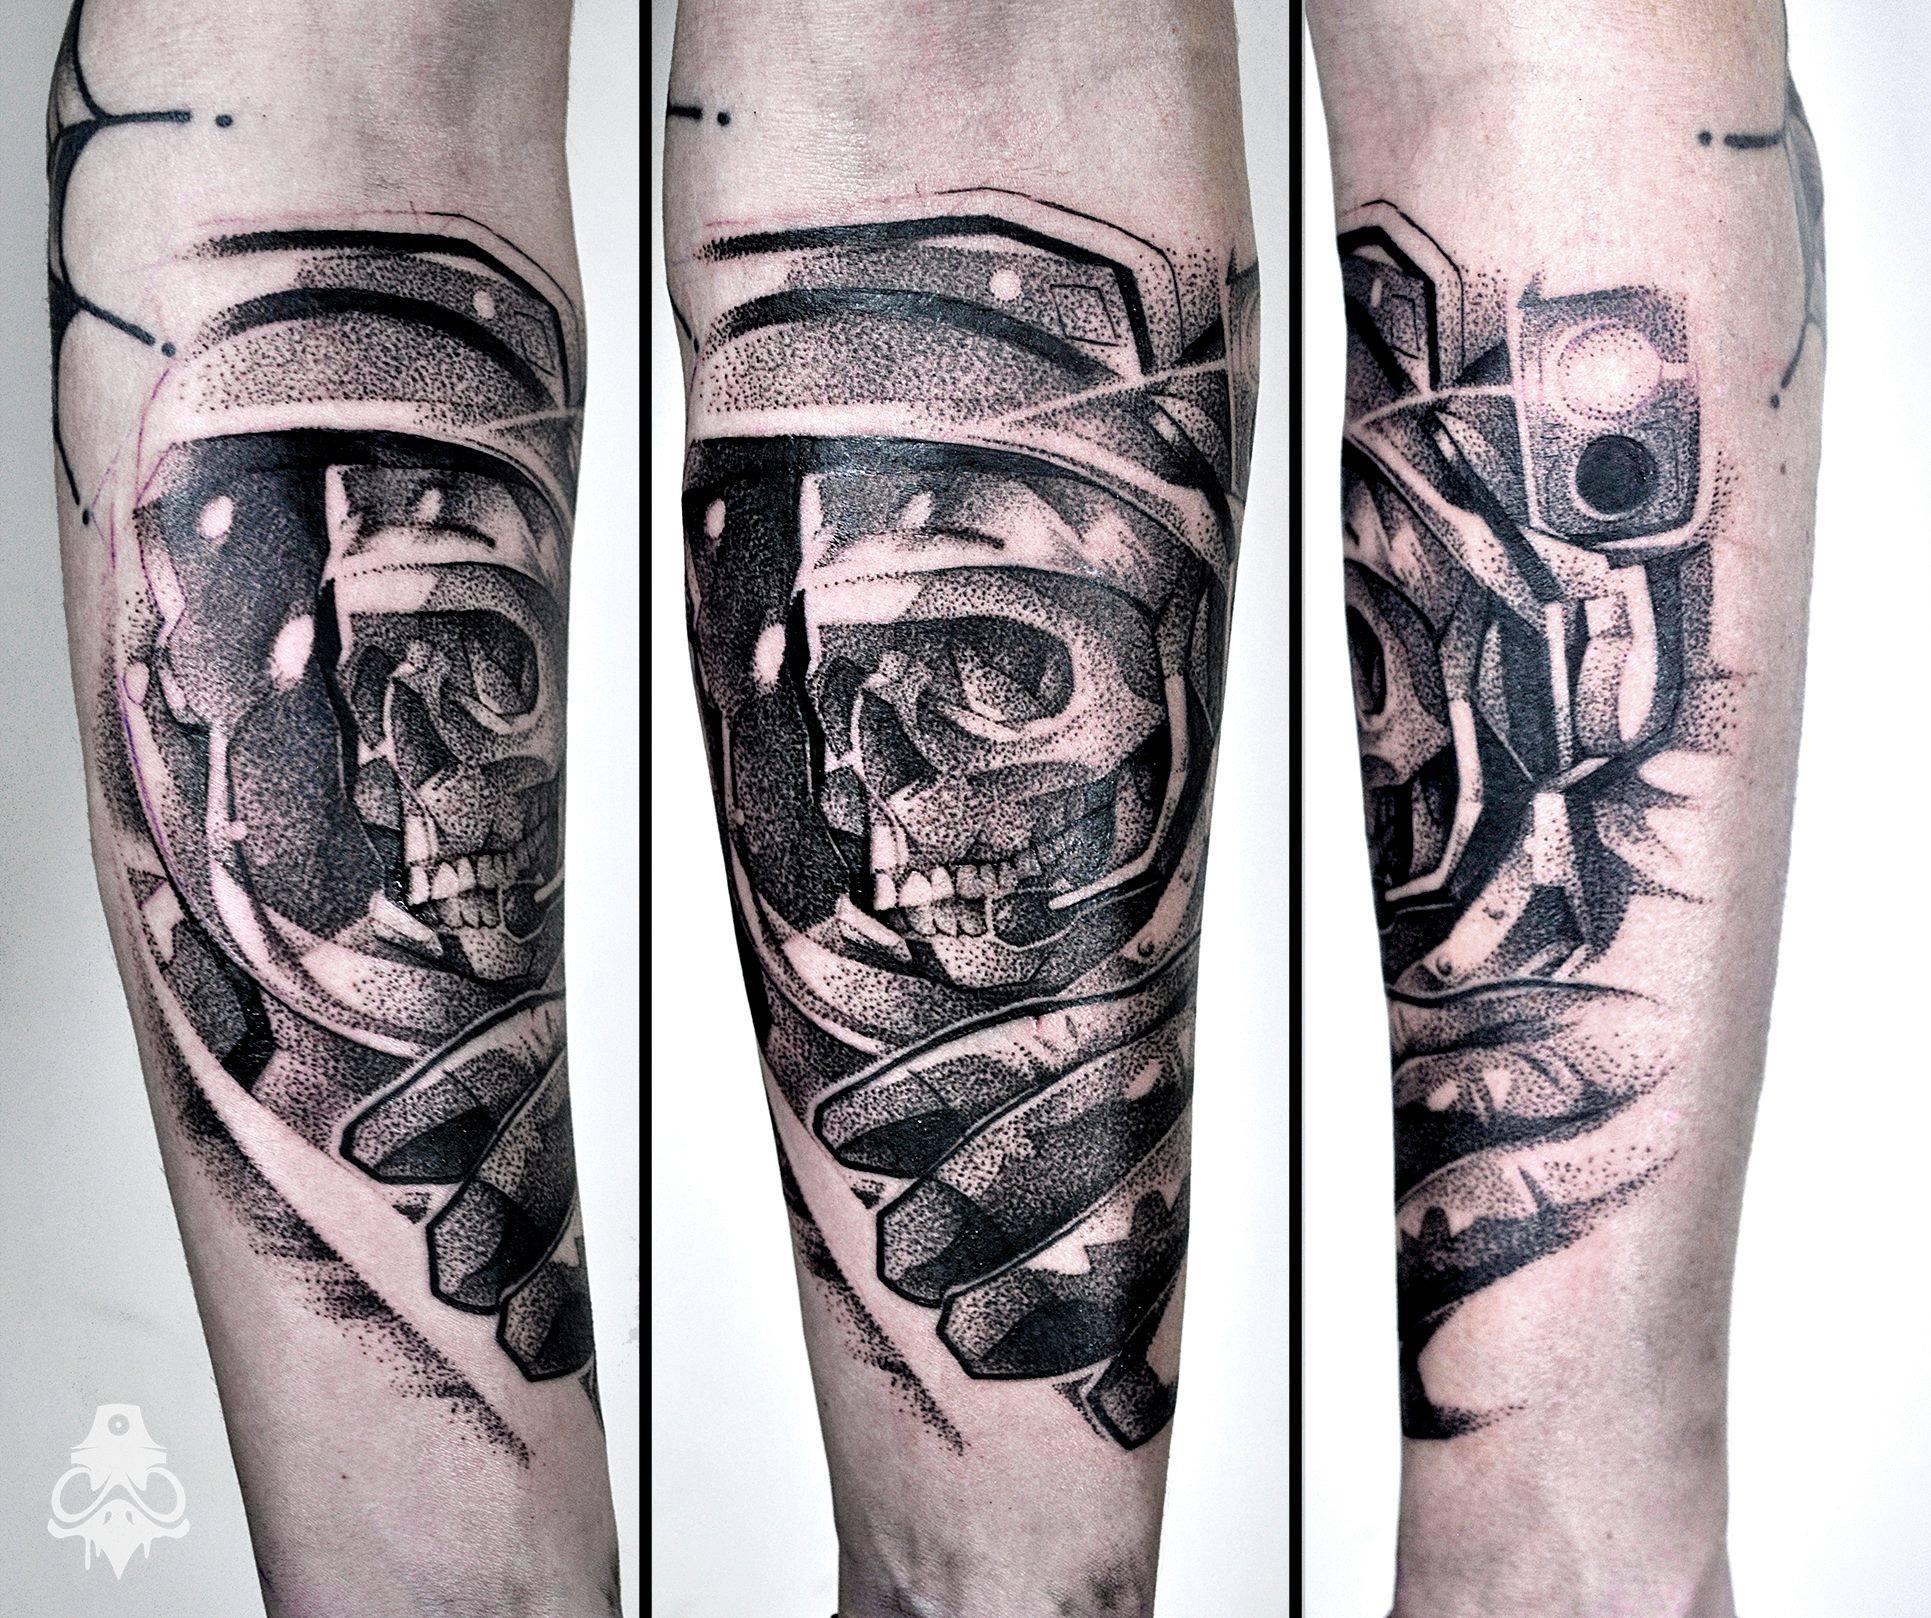 breakone-tattoo-11.jpg